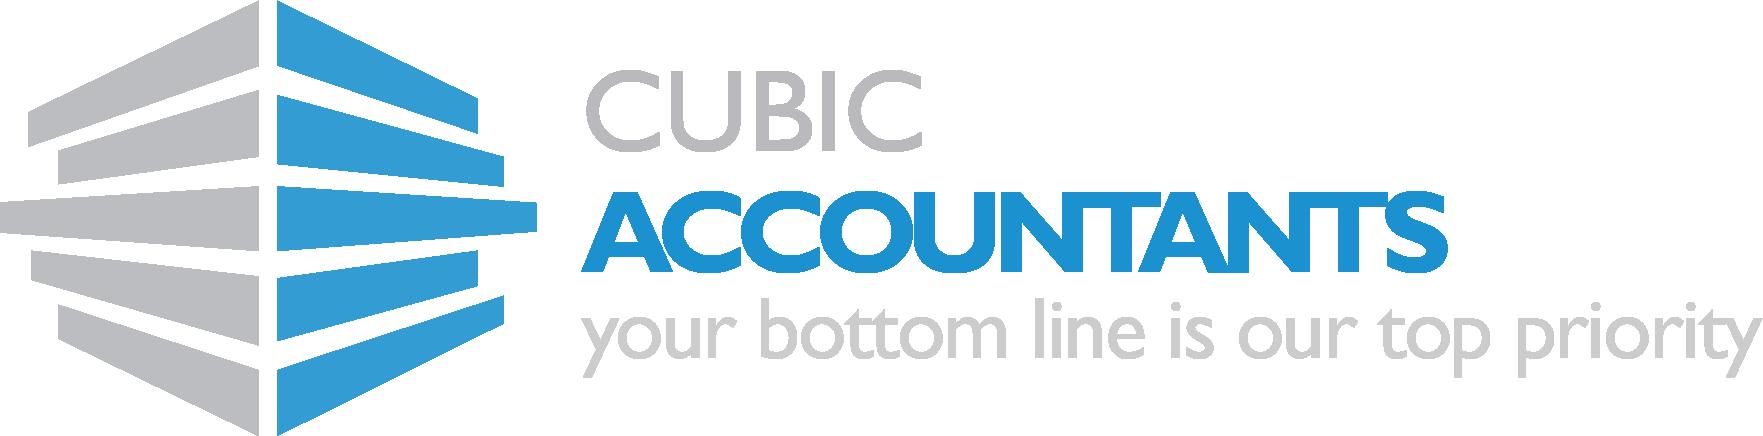 Asset-cubic